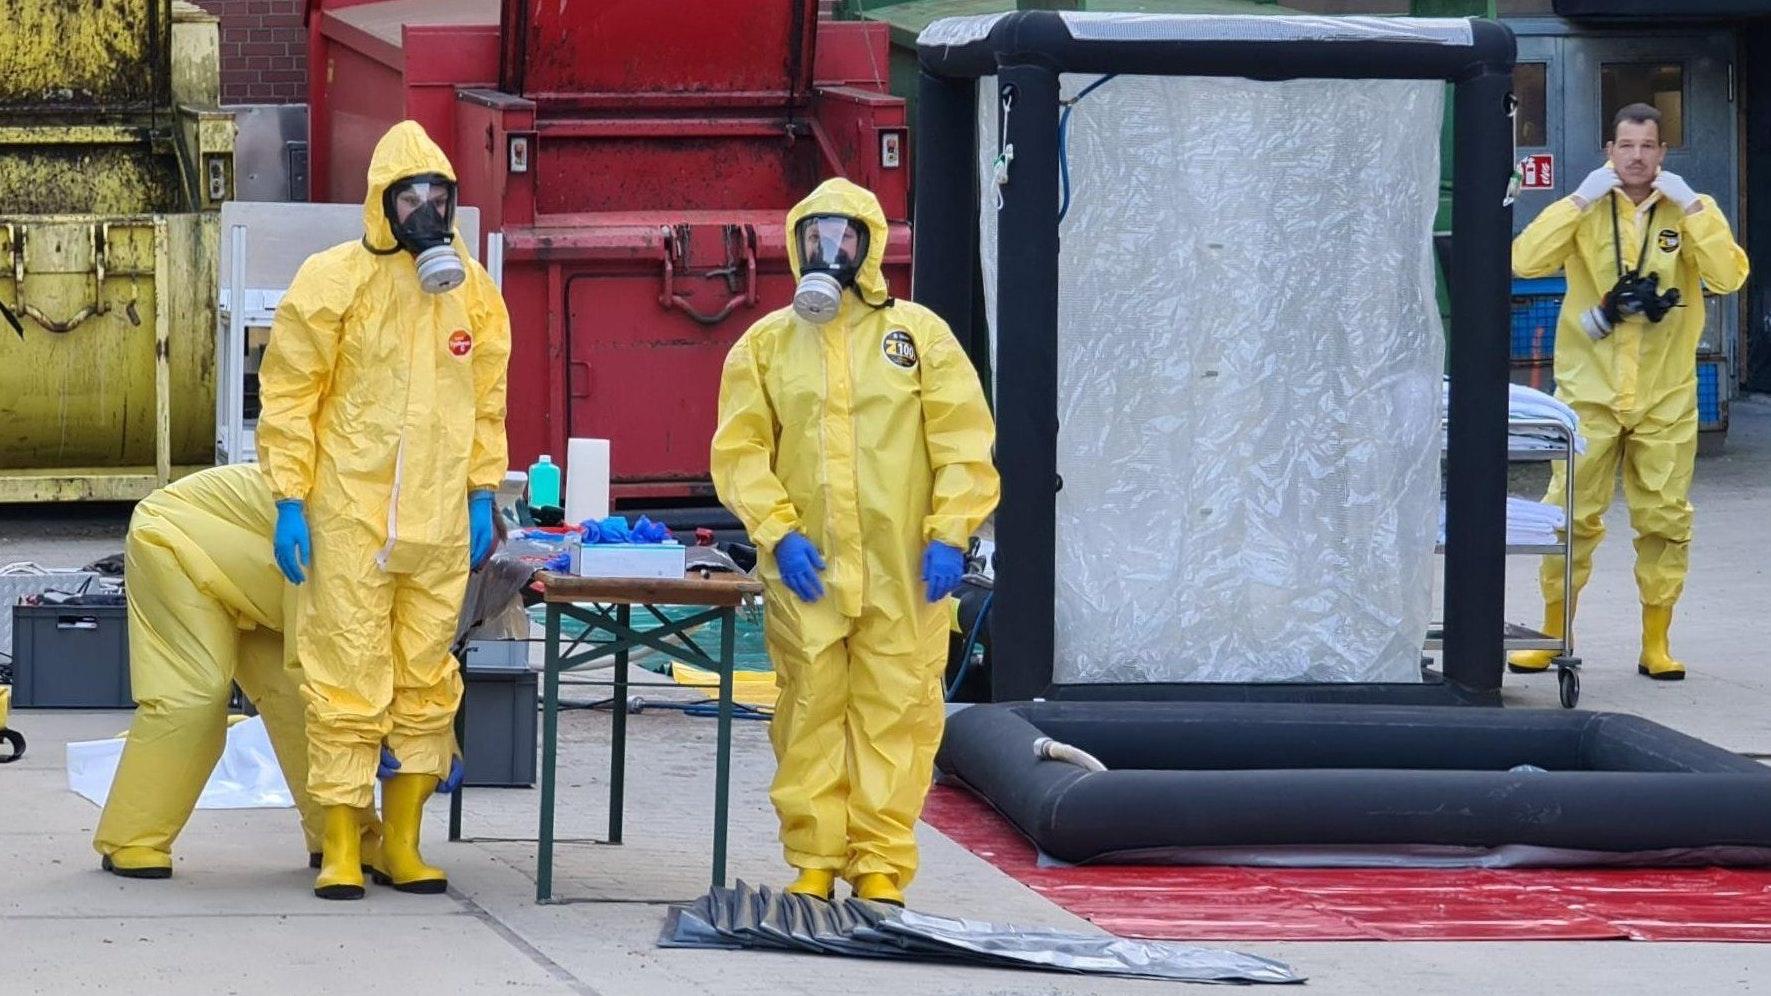 Helfer bauen vor einer Klinik eine Dekontaminationsschleuse auf. Bei Arbeiten zur Kampfmittelbeseitigung auf der Wehrtechnischen Dienststelle 91 bei Meppen im Emsland sind am Mittwoch sieben Menschen verletzt worden. Foto: dpa / NWM-TV